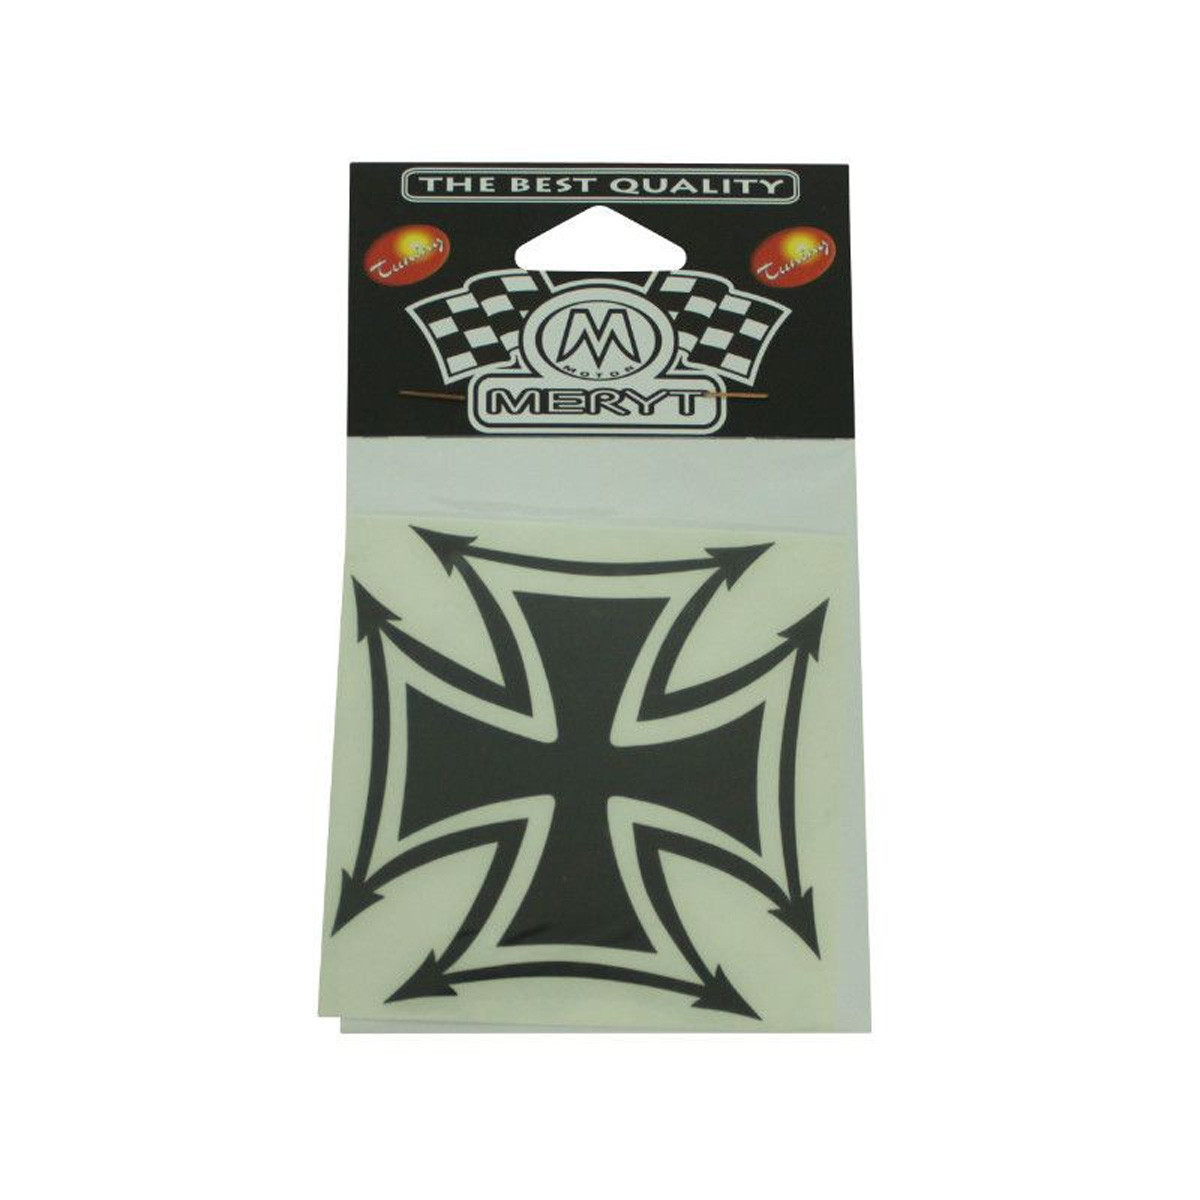 Autocollant / Sticker - MERYT Croix De Fer Noir 8.3 x 8.3cm